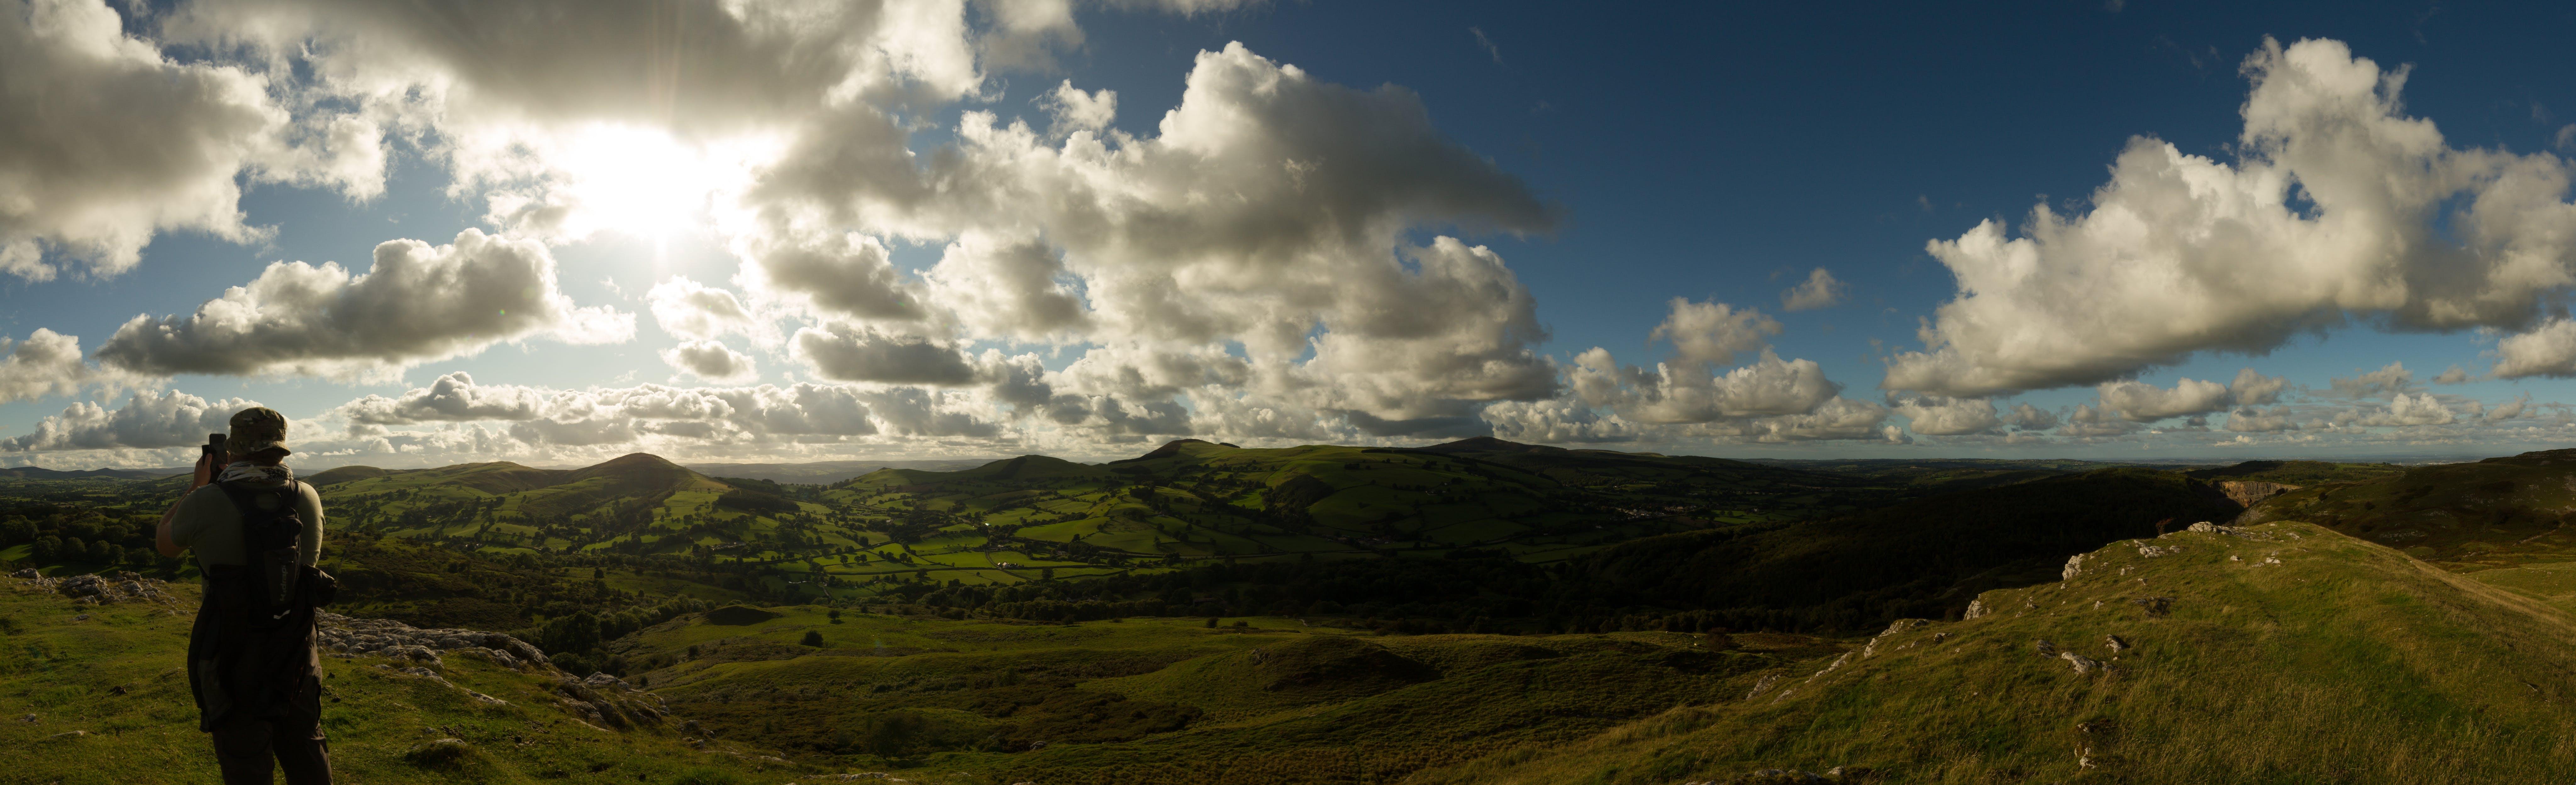 alan, bulutlar, doğa, gün ışığı içeren Ücretsiz stok fotoğraf